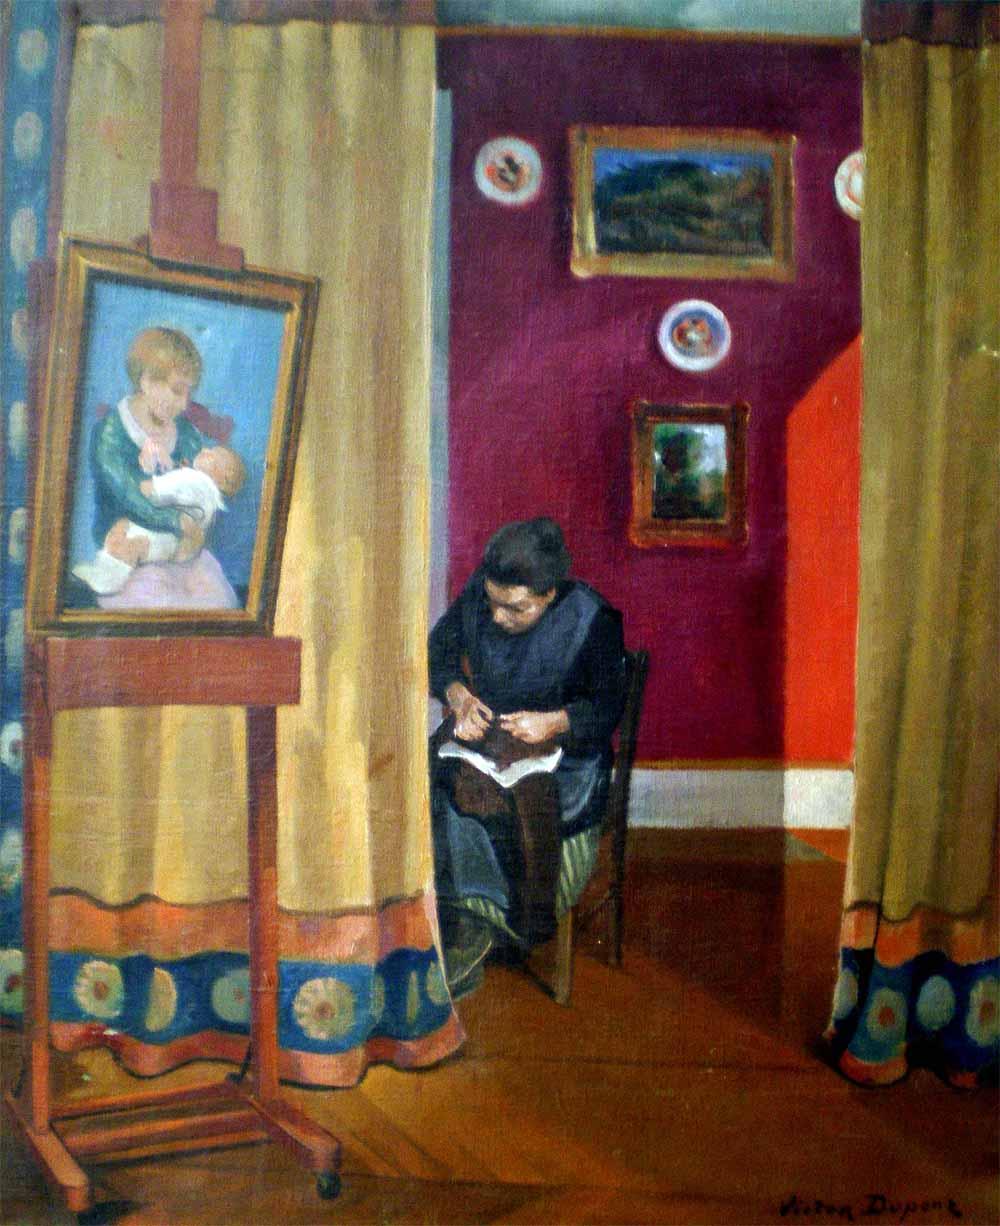 « Intérieur Ensoleillé », huile sur toile (65cm x 82cm), vers 1920, collection JLM, France.